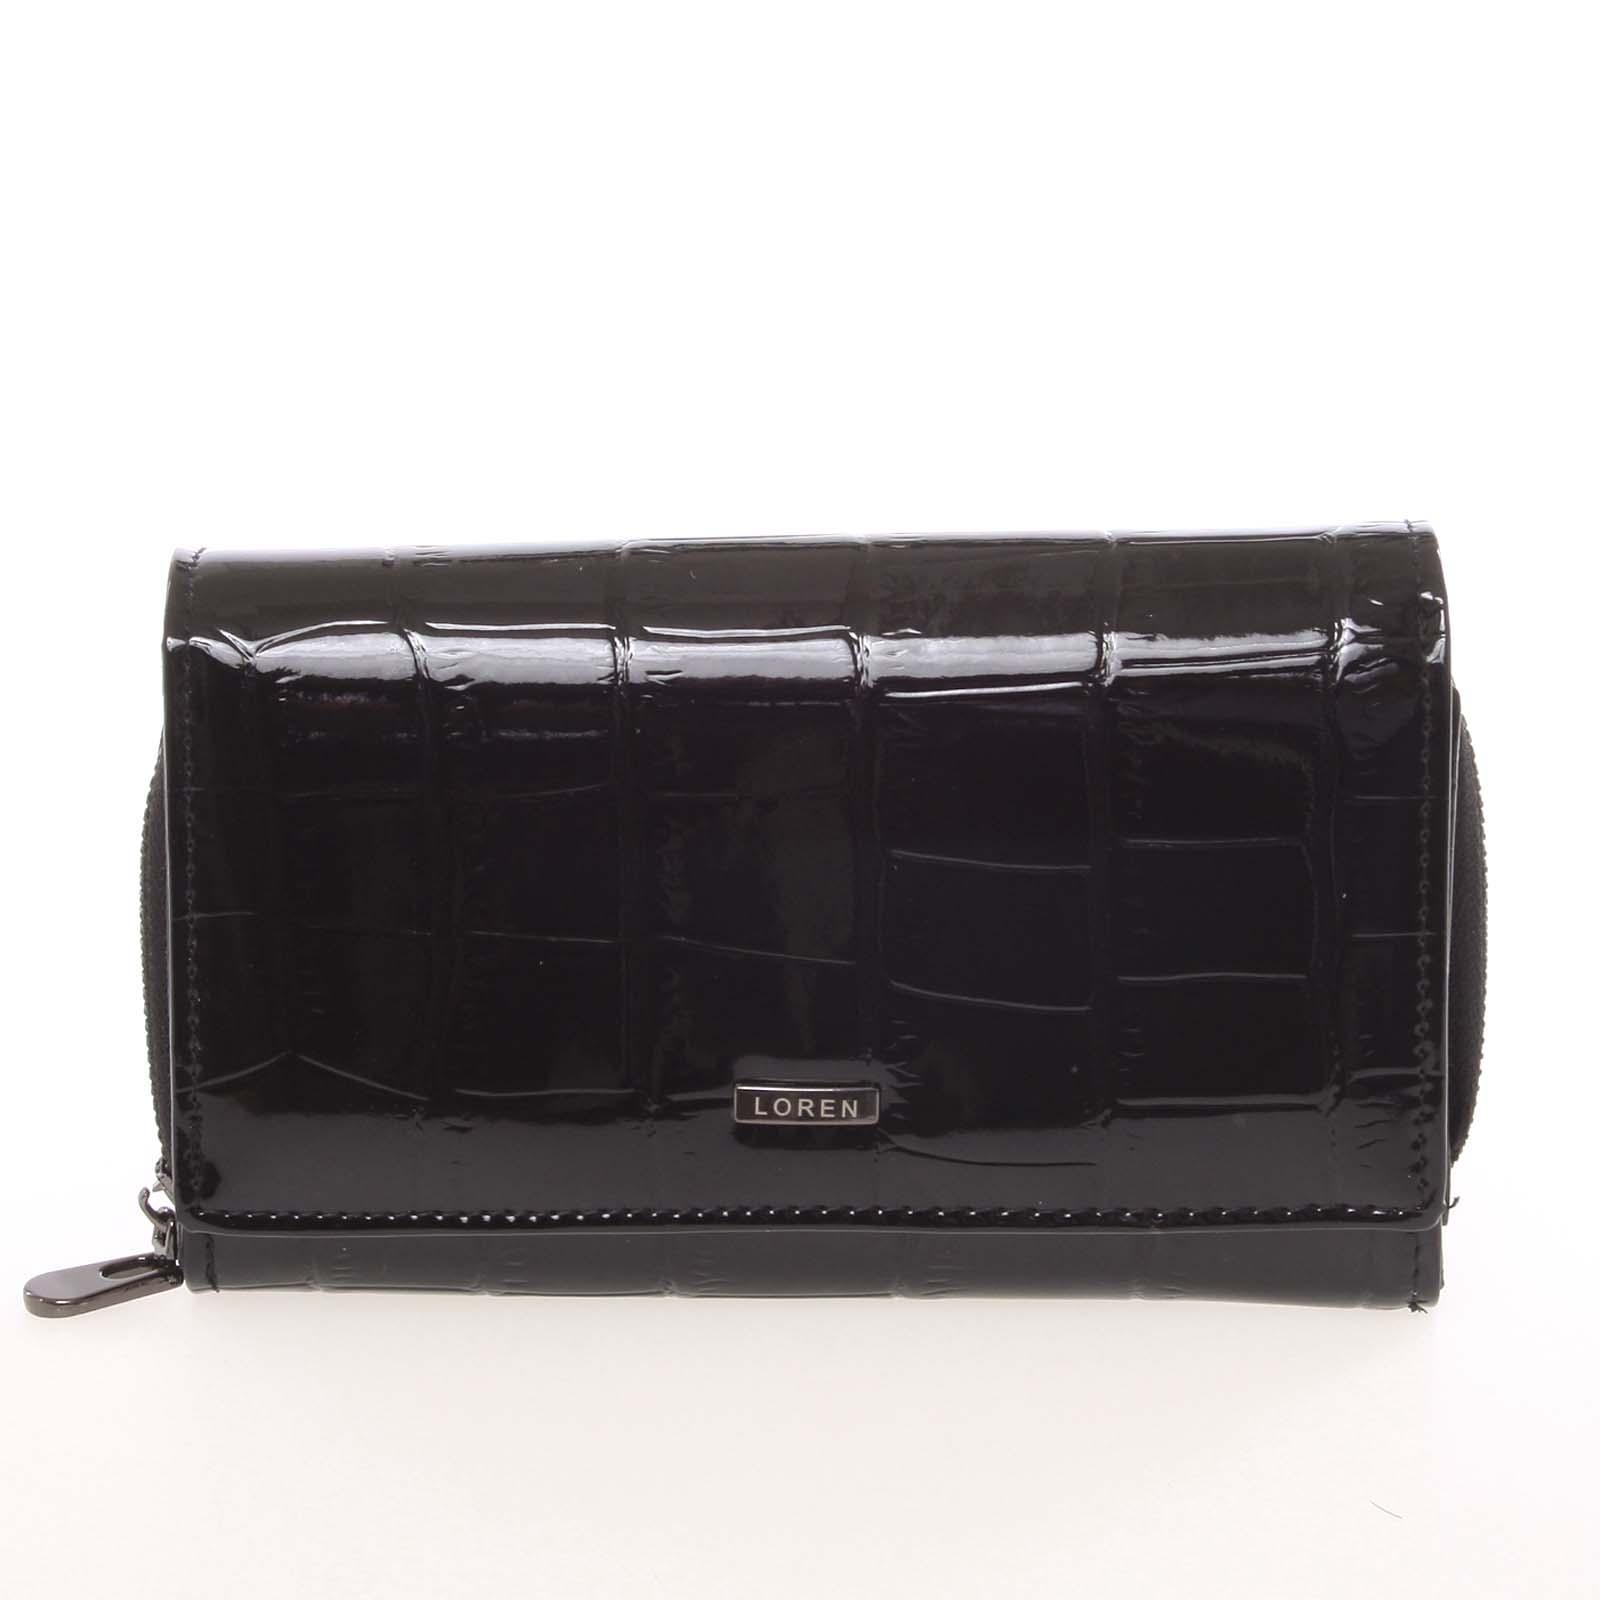 Dámská černá lakovaná kroko peněženka - Loren Cobo černá